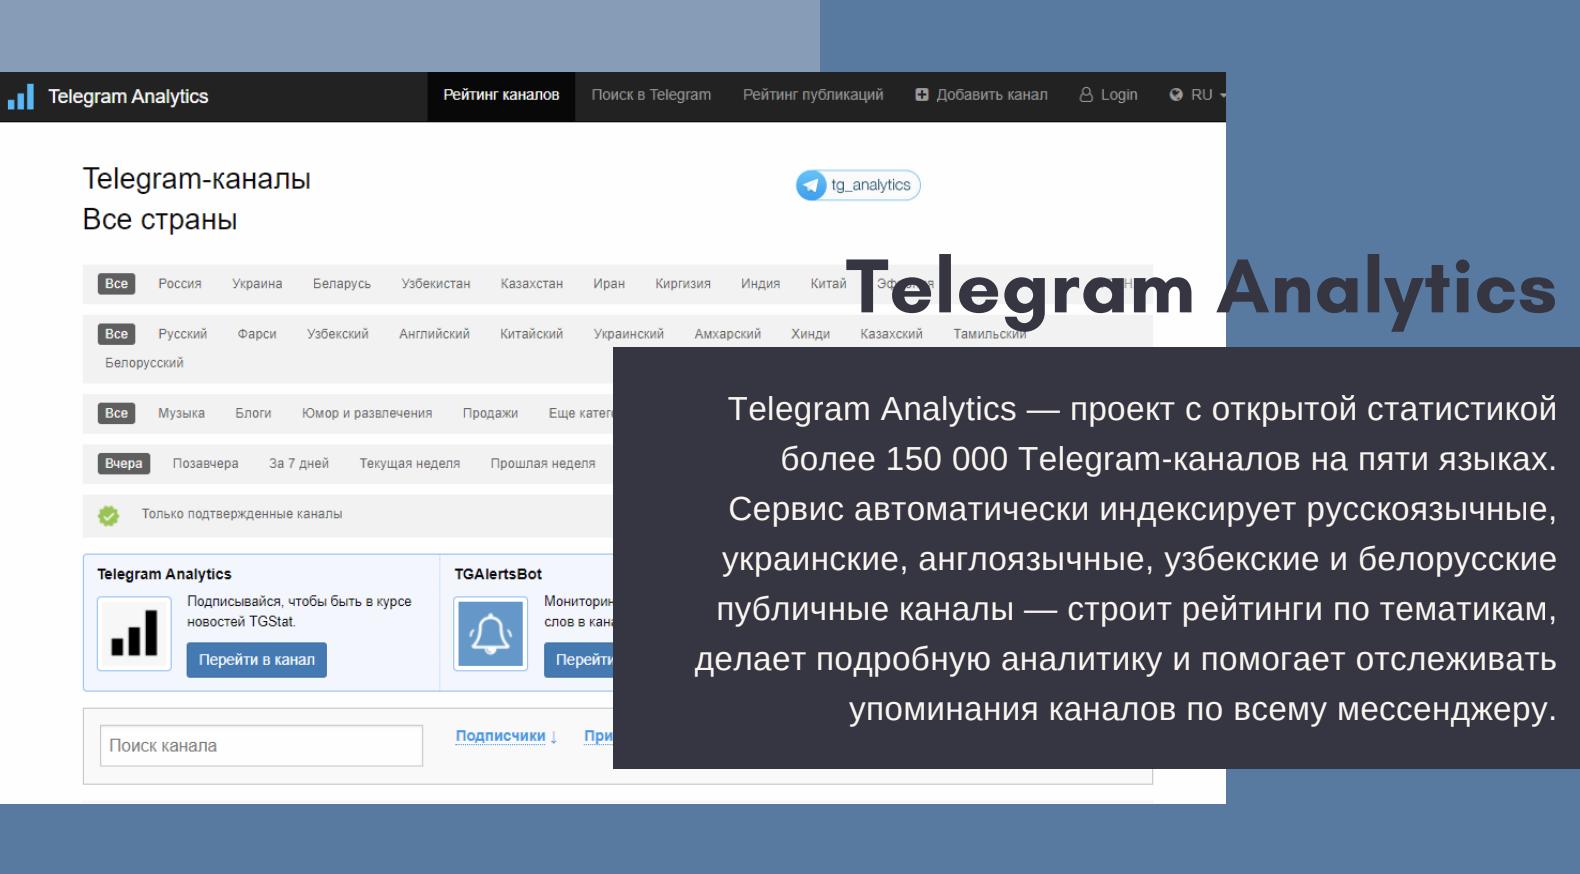 Telegram Analytics